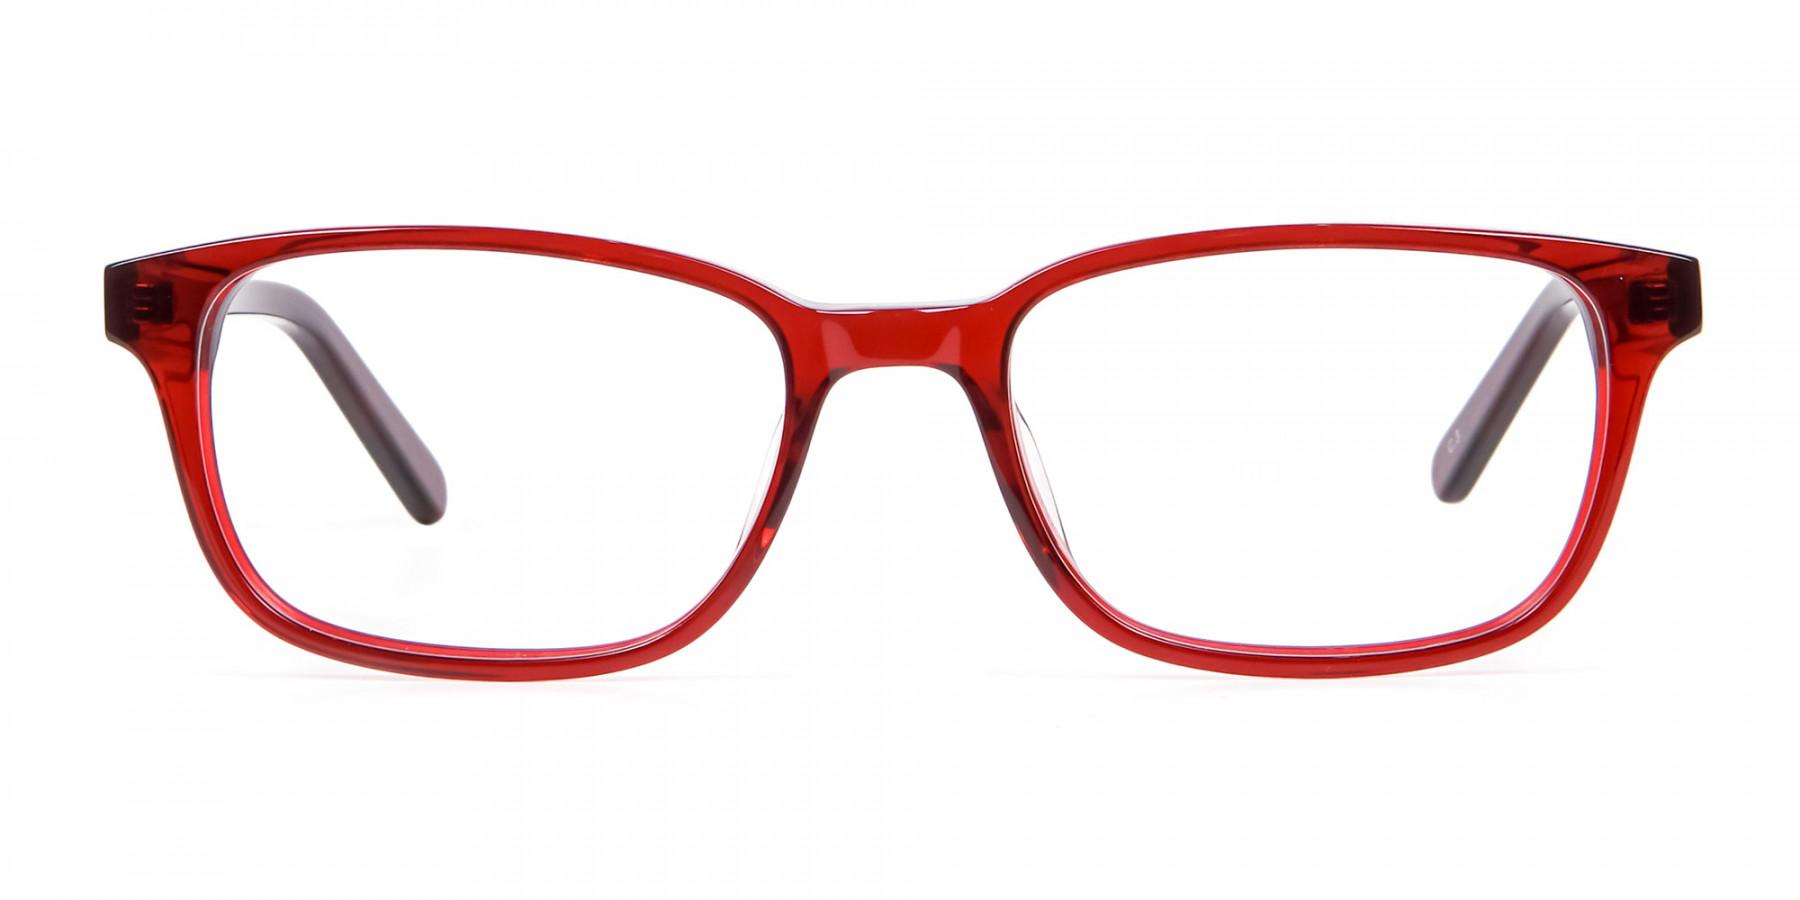 Red Wayfarer Glasses Online